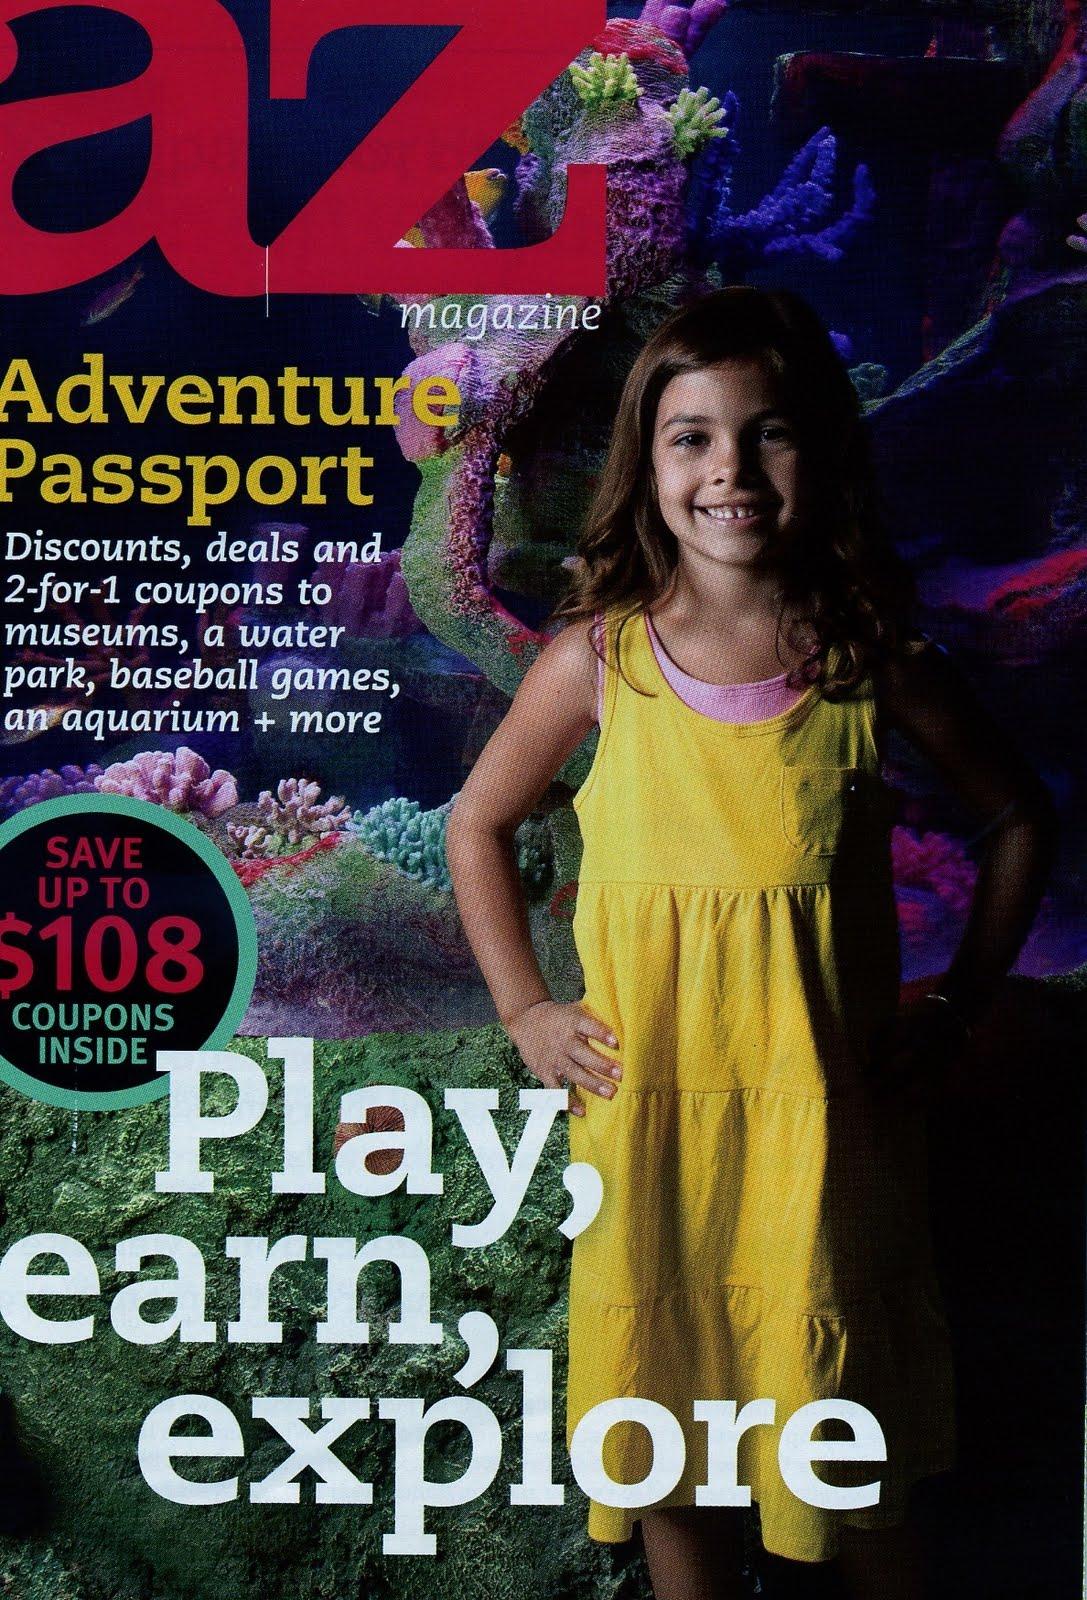 http://3.bp.blogspot.com/_KTg0oaowzag/TAVpzXGqijI/AAAAAAAABSQ/_SawOZ6KpS0/s1600/AZ+Magazine+Cover.jpg